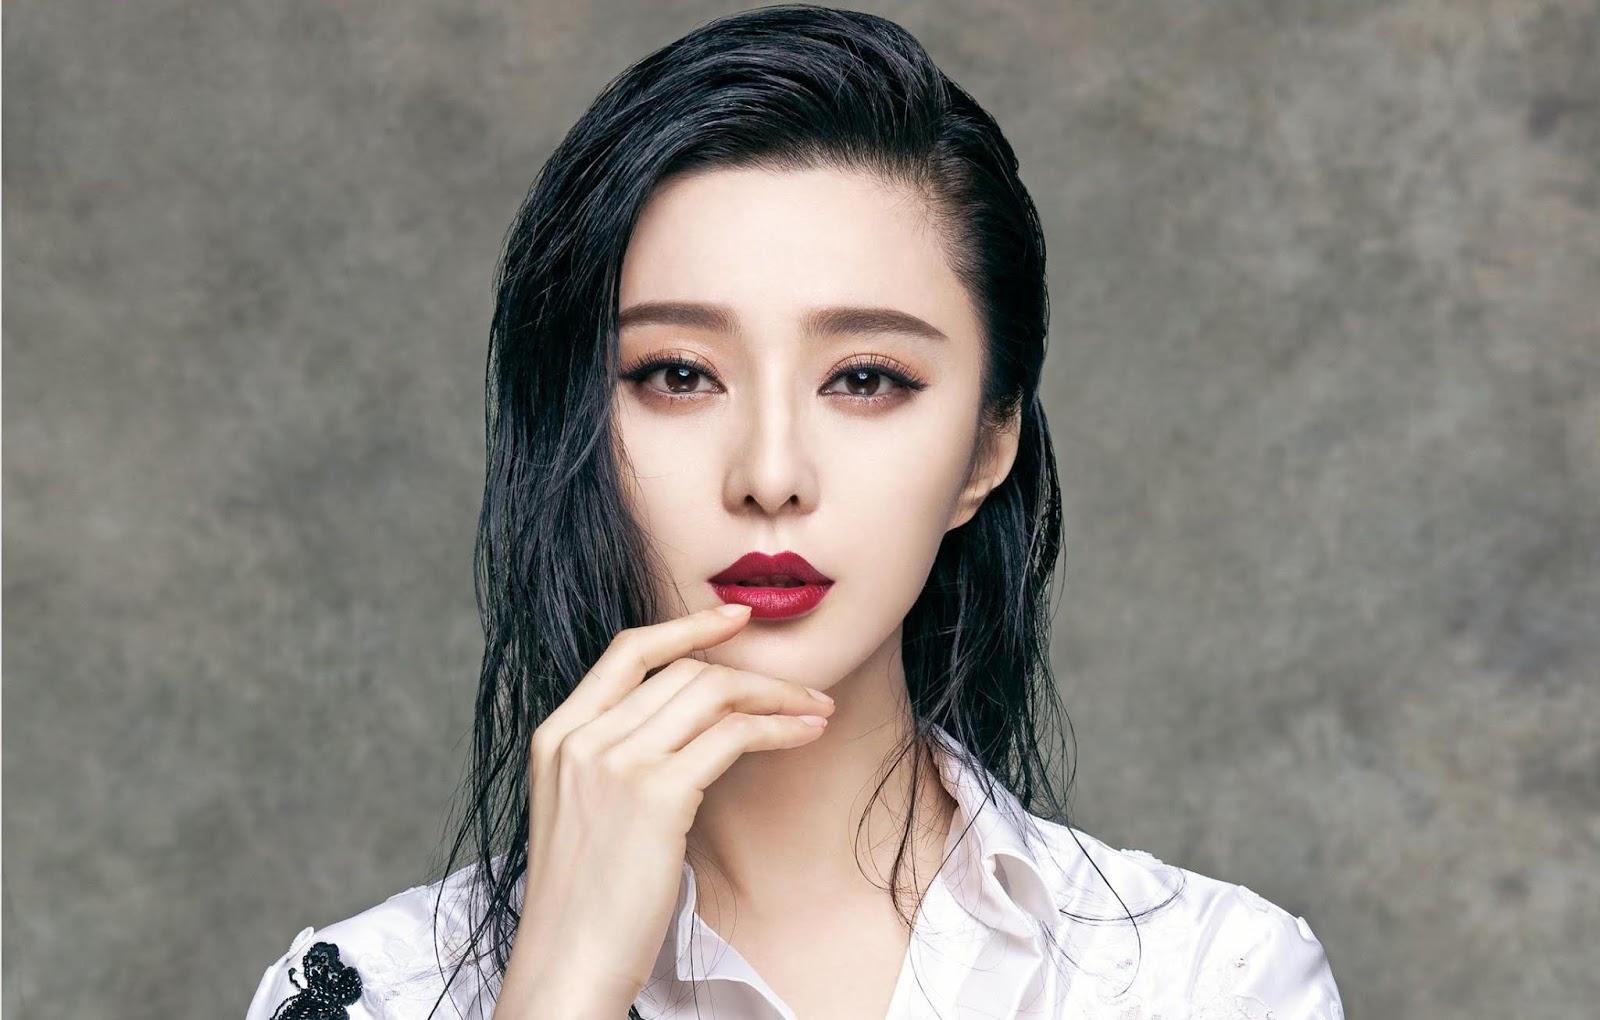 Top 10 beautiful girl in asia